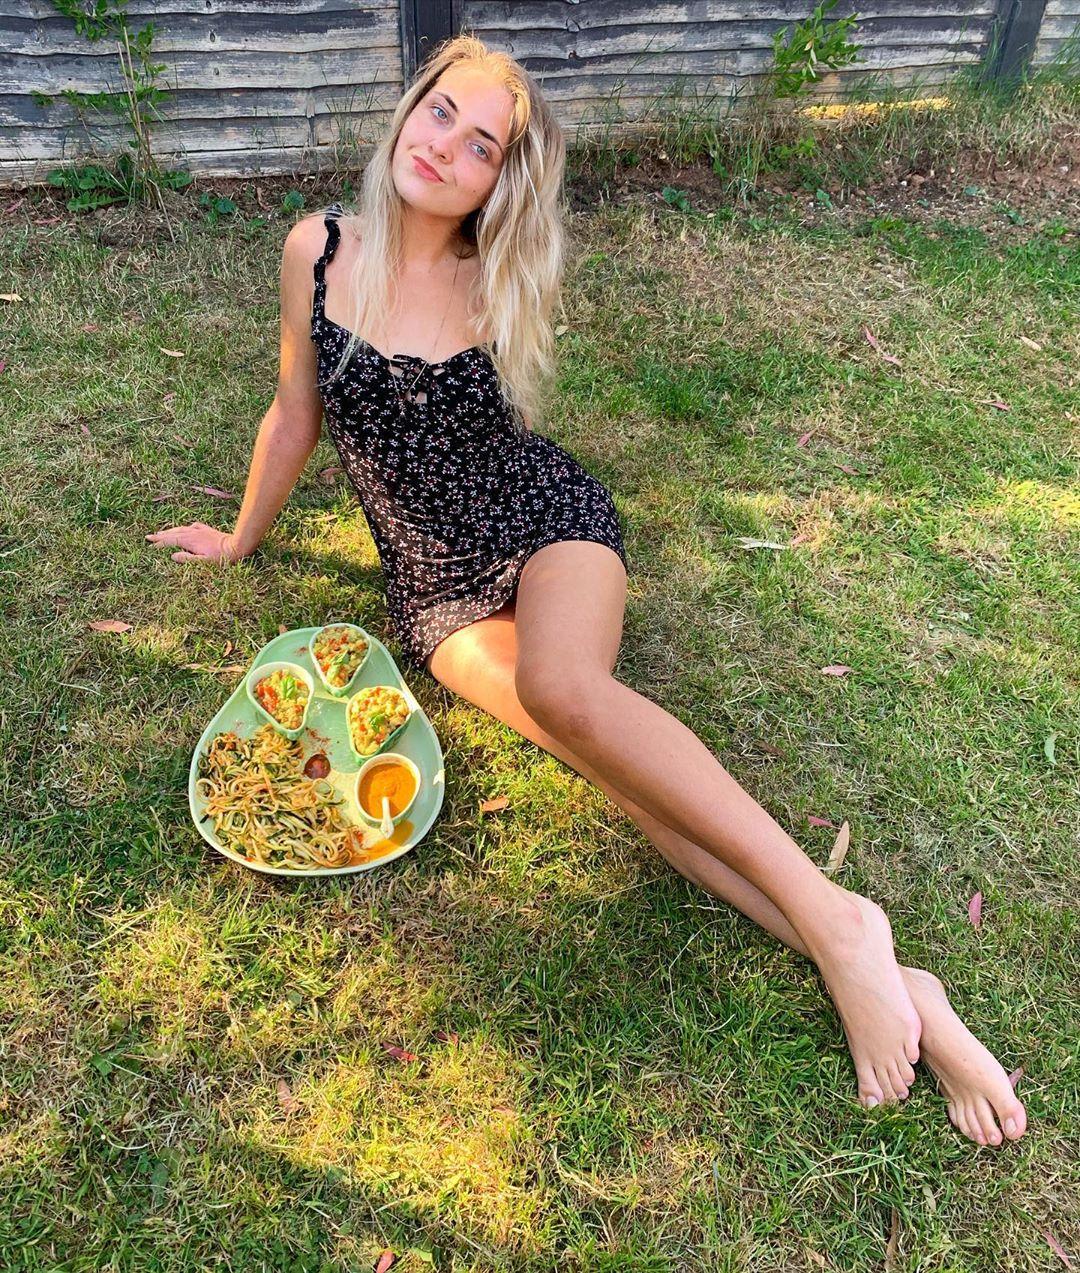 Chế độ ăn chay giúp cô gái trẻ khỏi chứng bệnh da liễu và giảm được 25 kg.